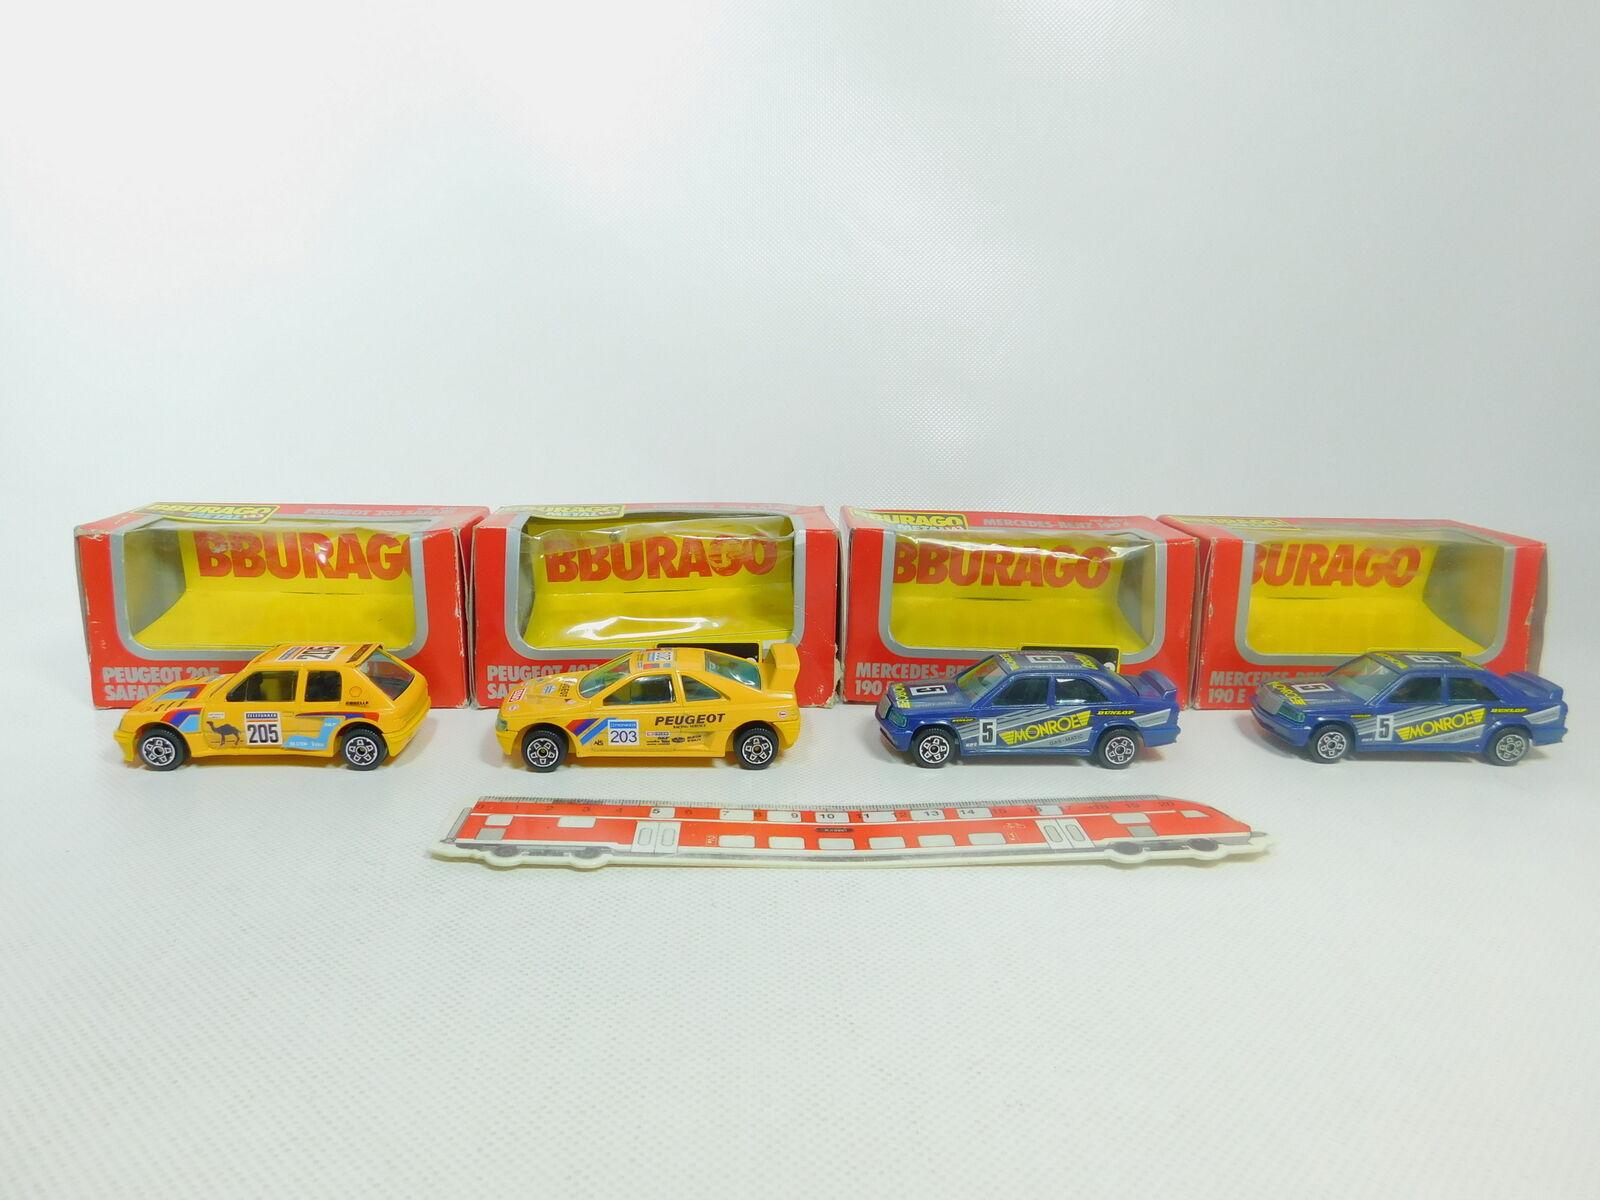 BO891-1 4x Burago 1 43 modellolo  4102 MB 190 e + 4116 4190 Peugeot,Molto Buono +